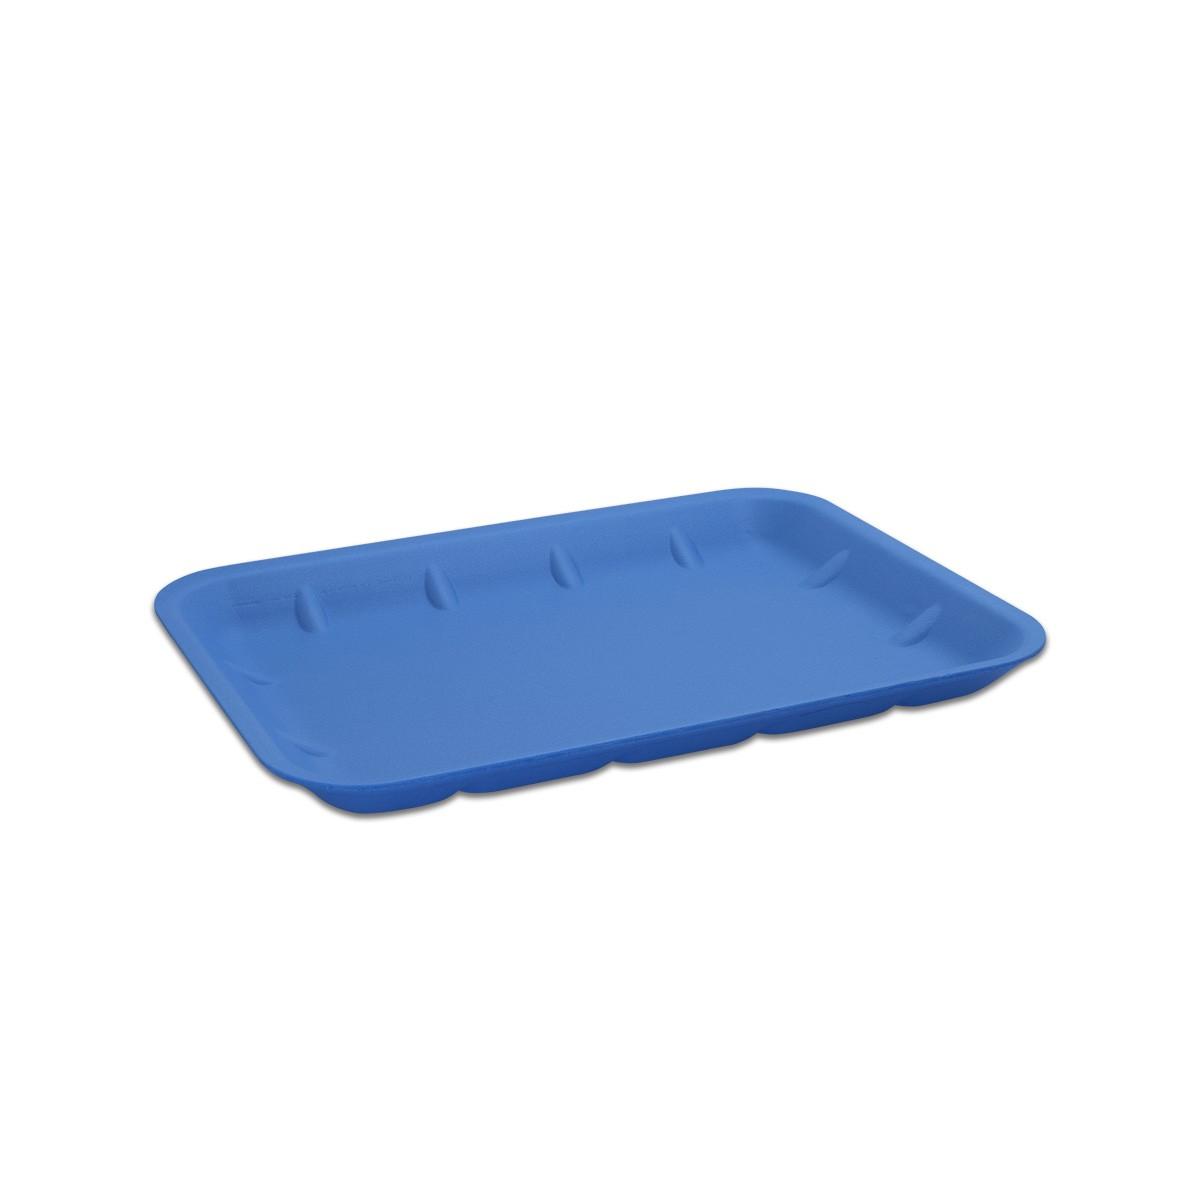 Foam Tray 265x189x20mm - Blue | 250pcs